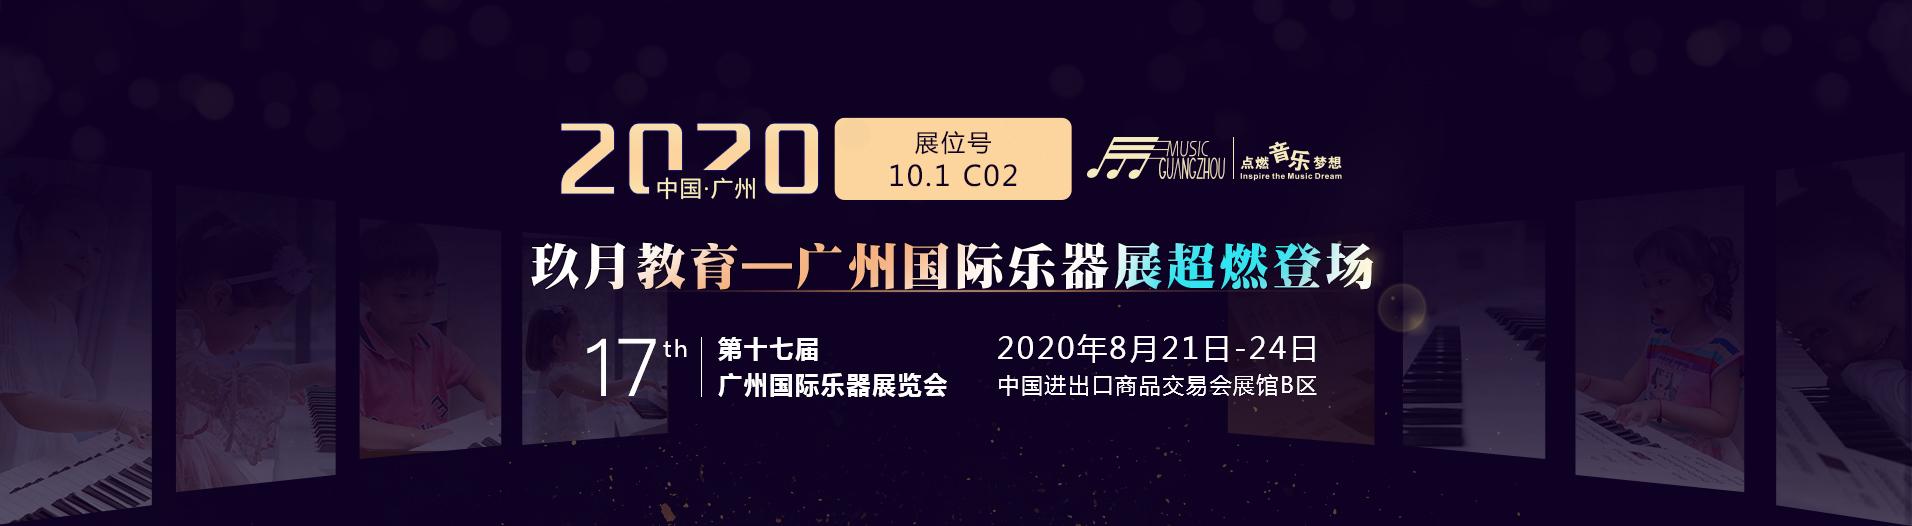 广州国际乐器展览会